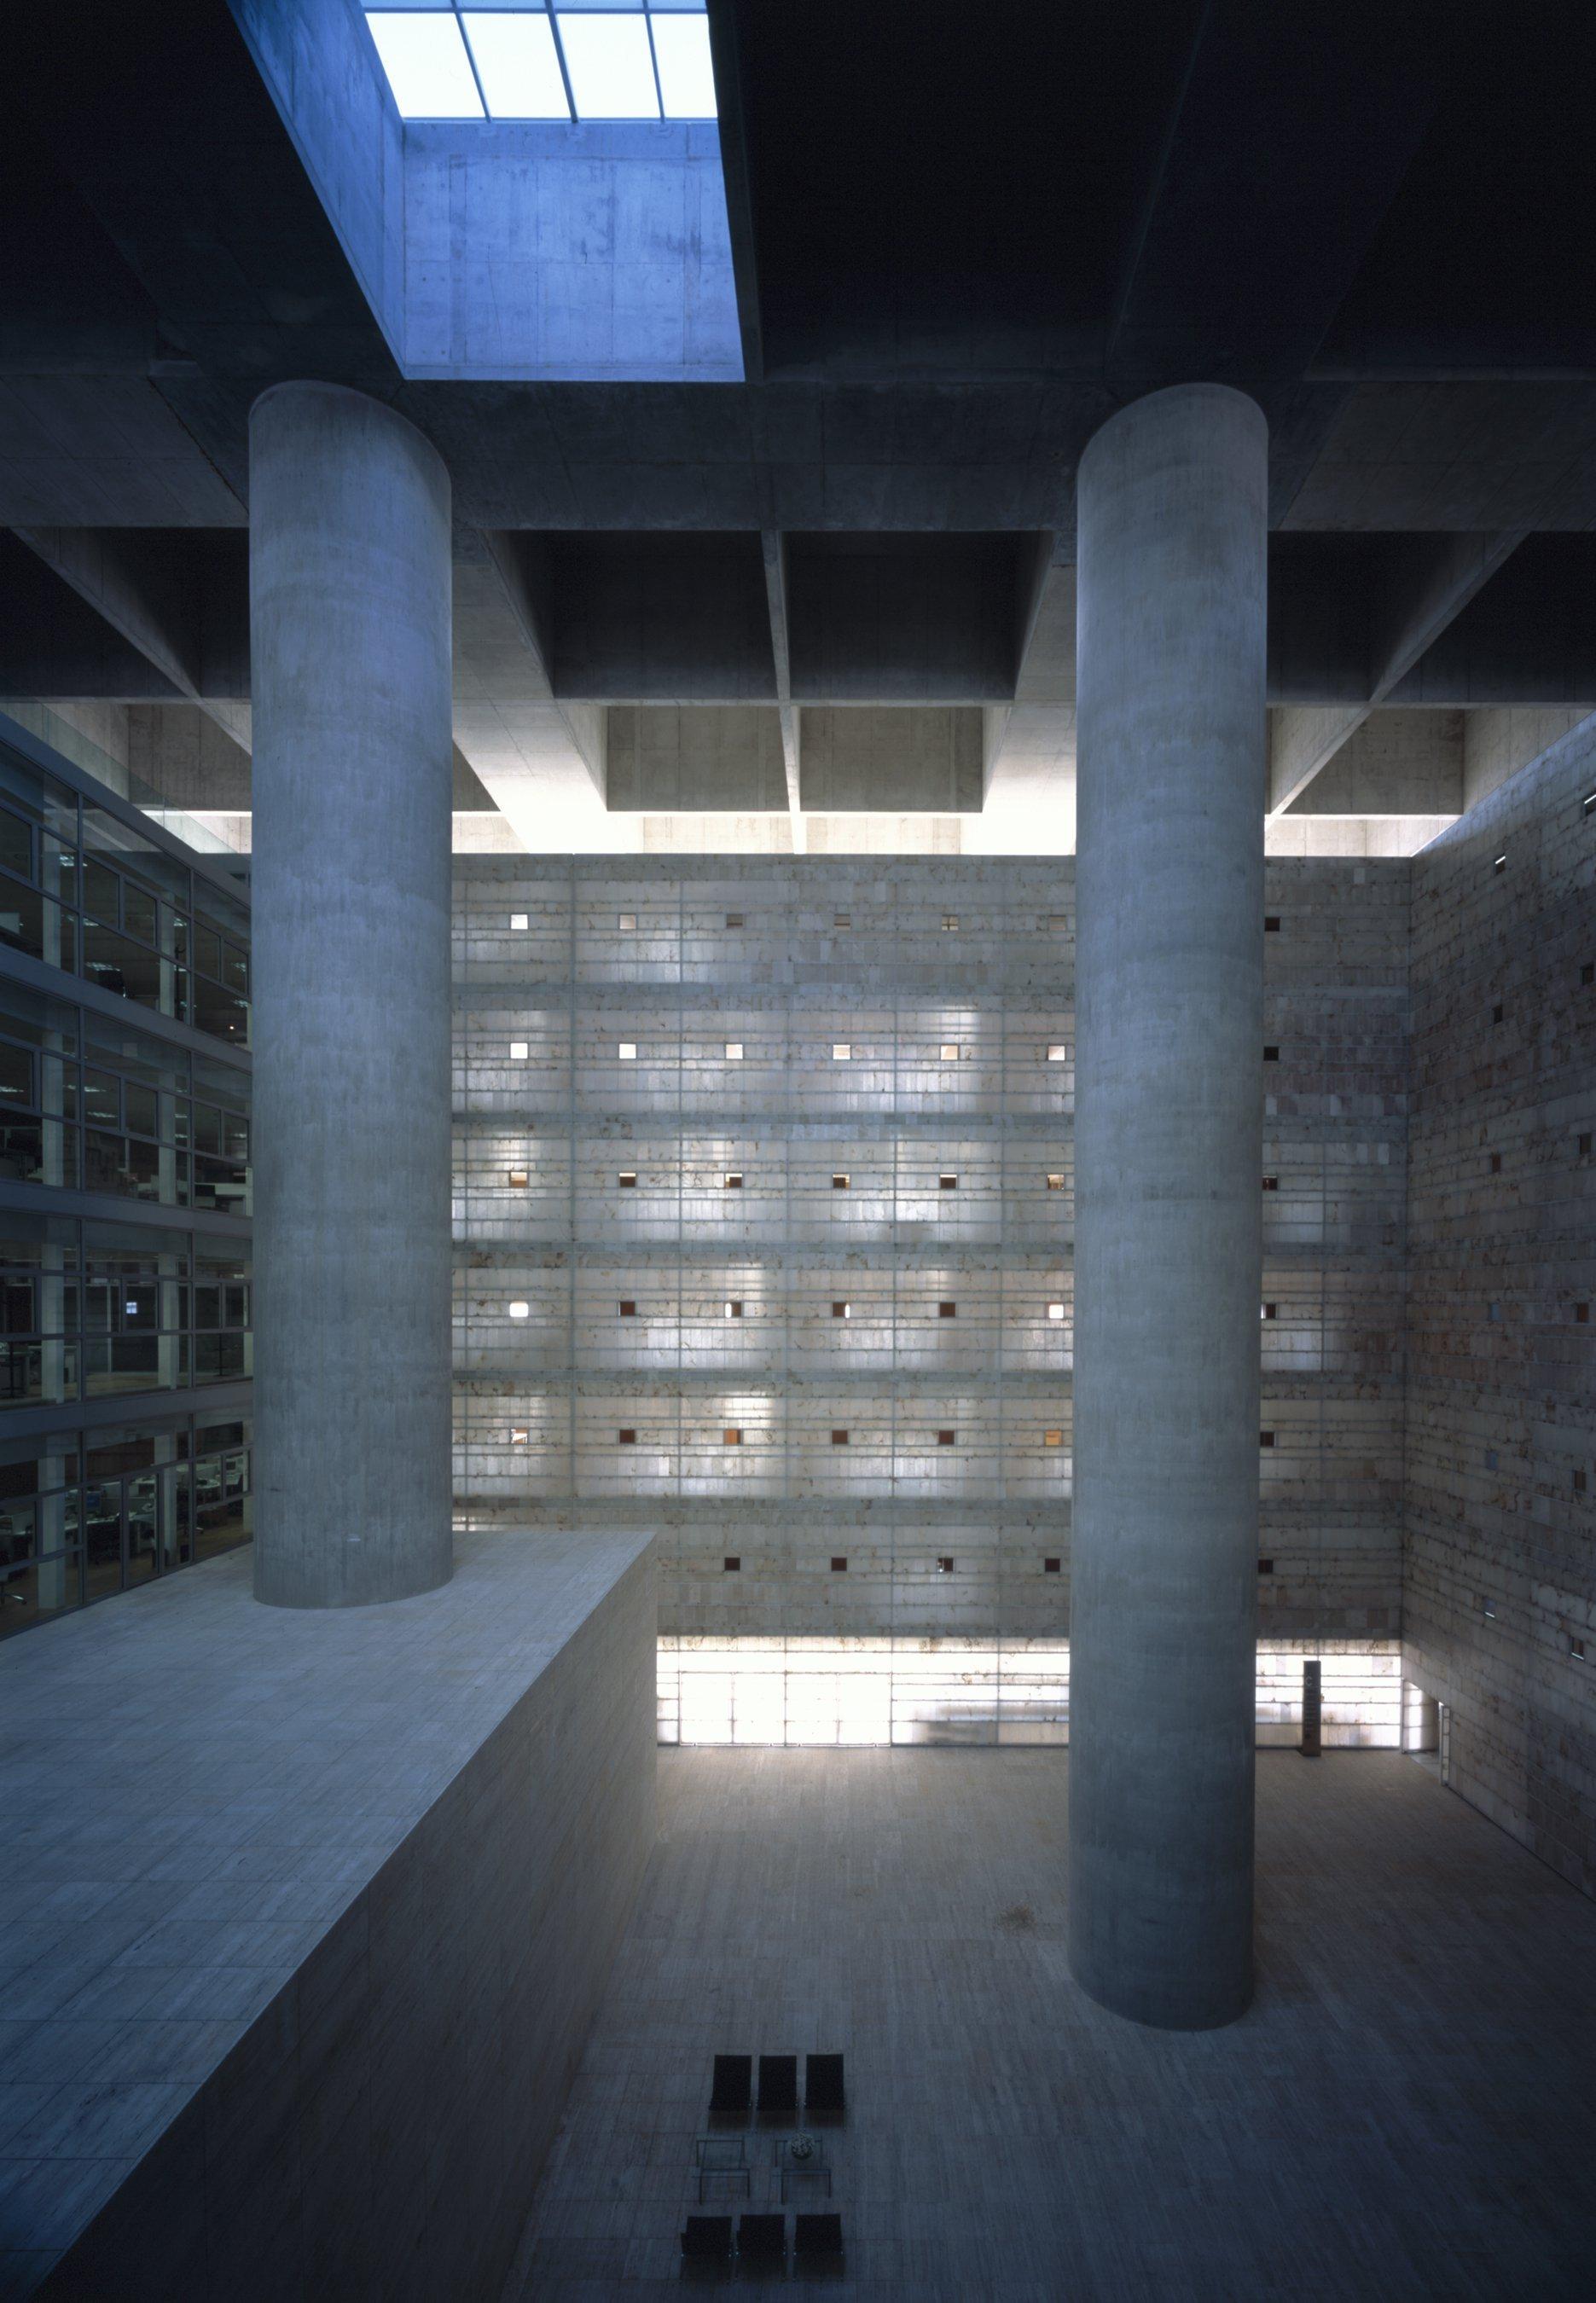 Galer a de cl sicos de arquitectura caja granada for Bmn caja granada oficinas